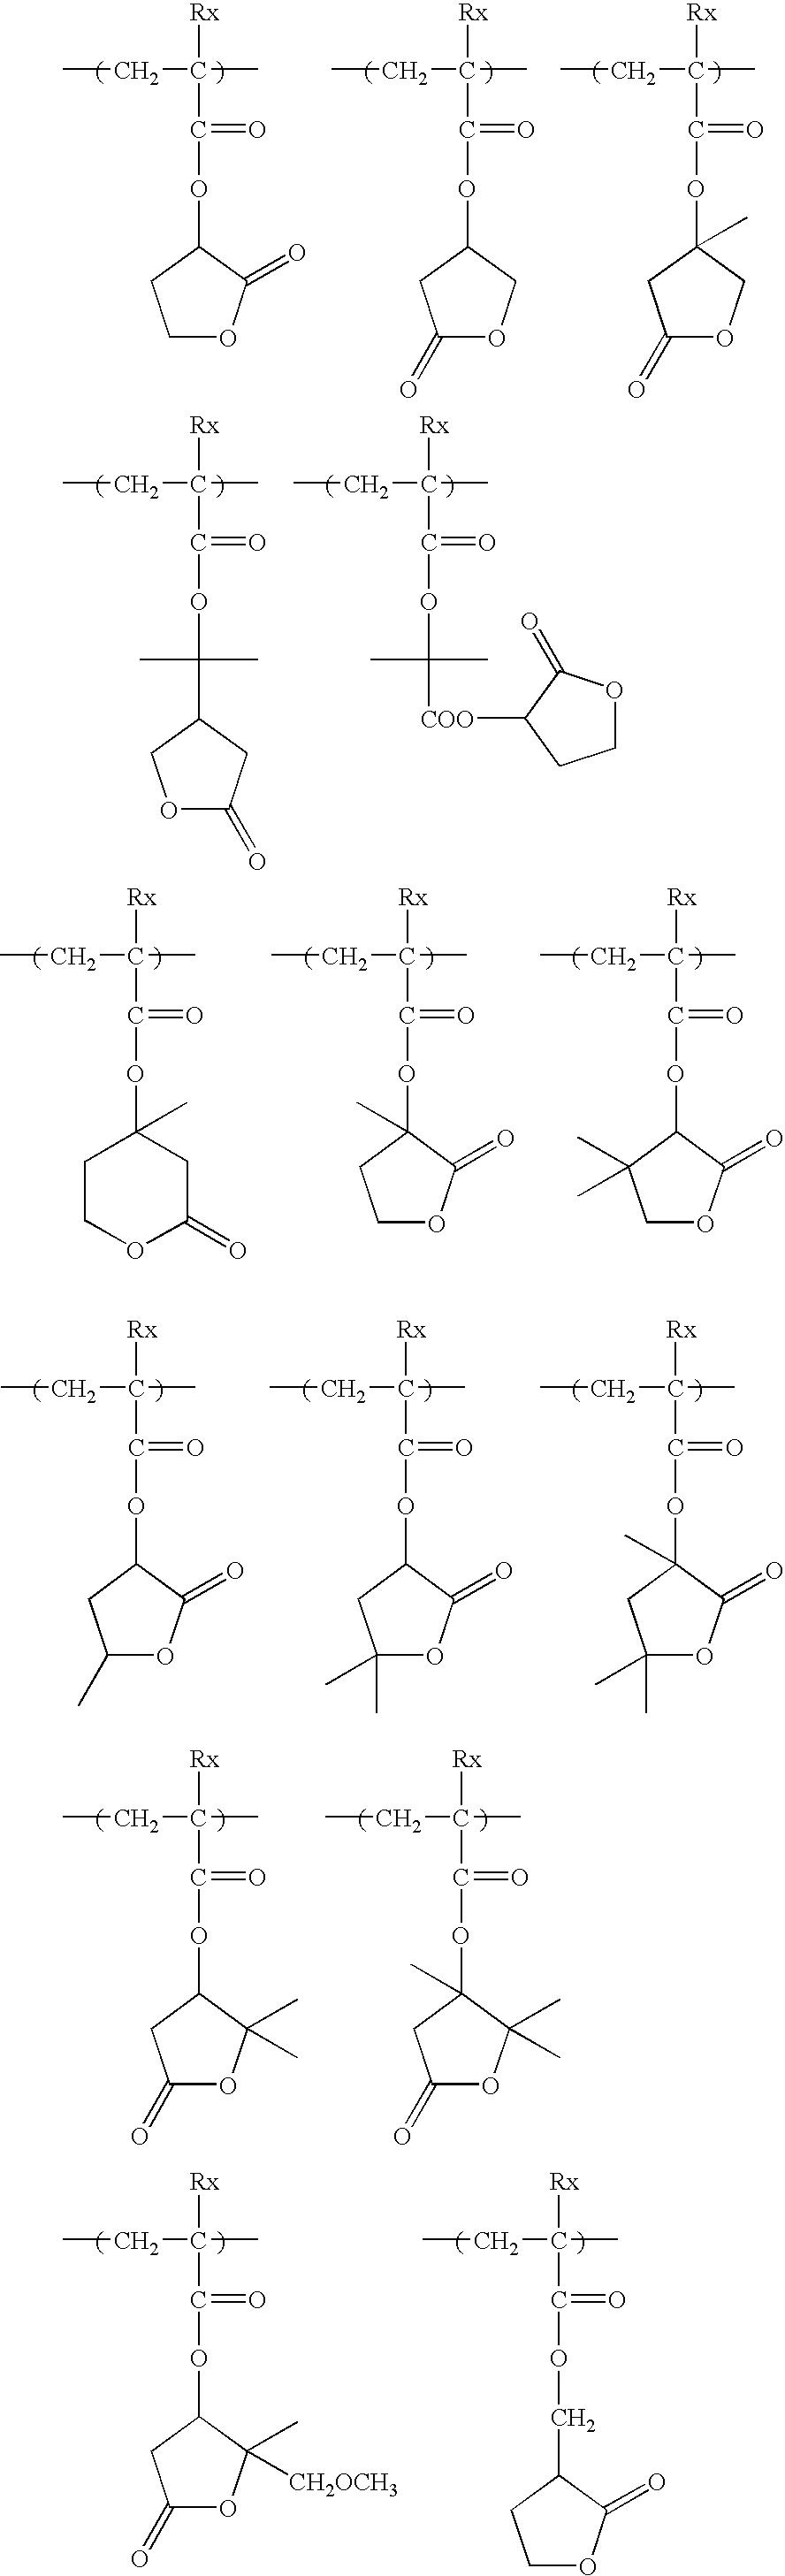 Figure US07985534-20110726-C00027